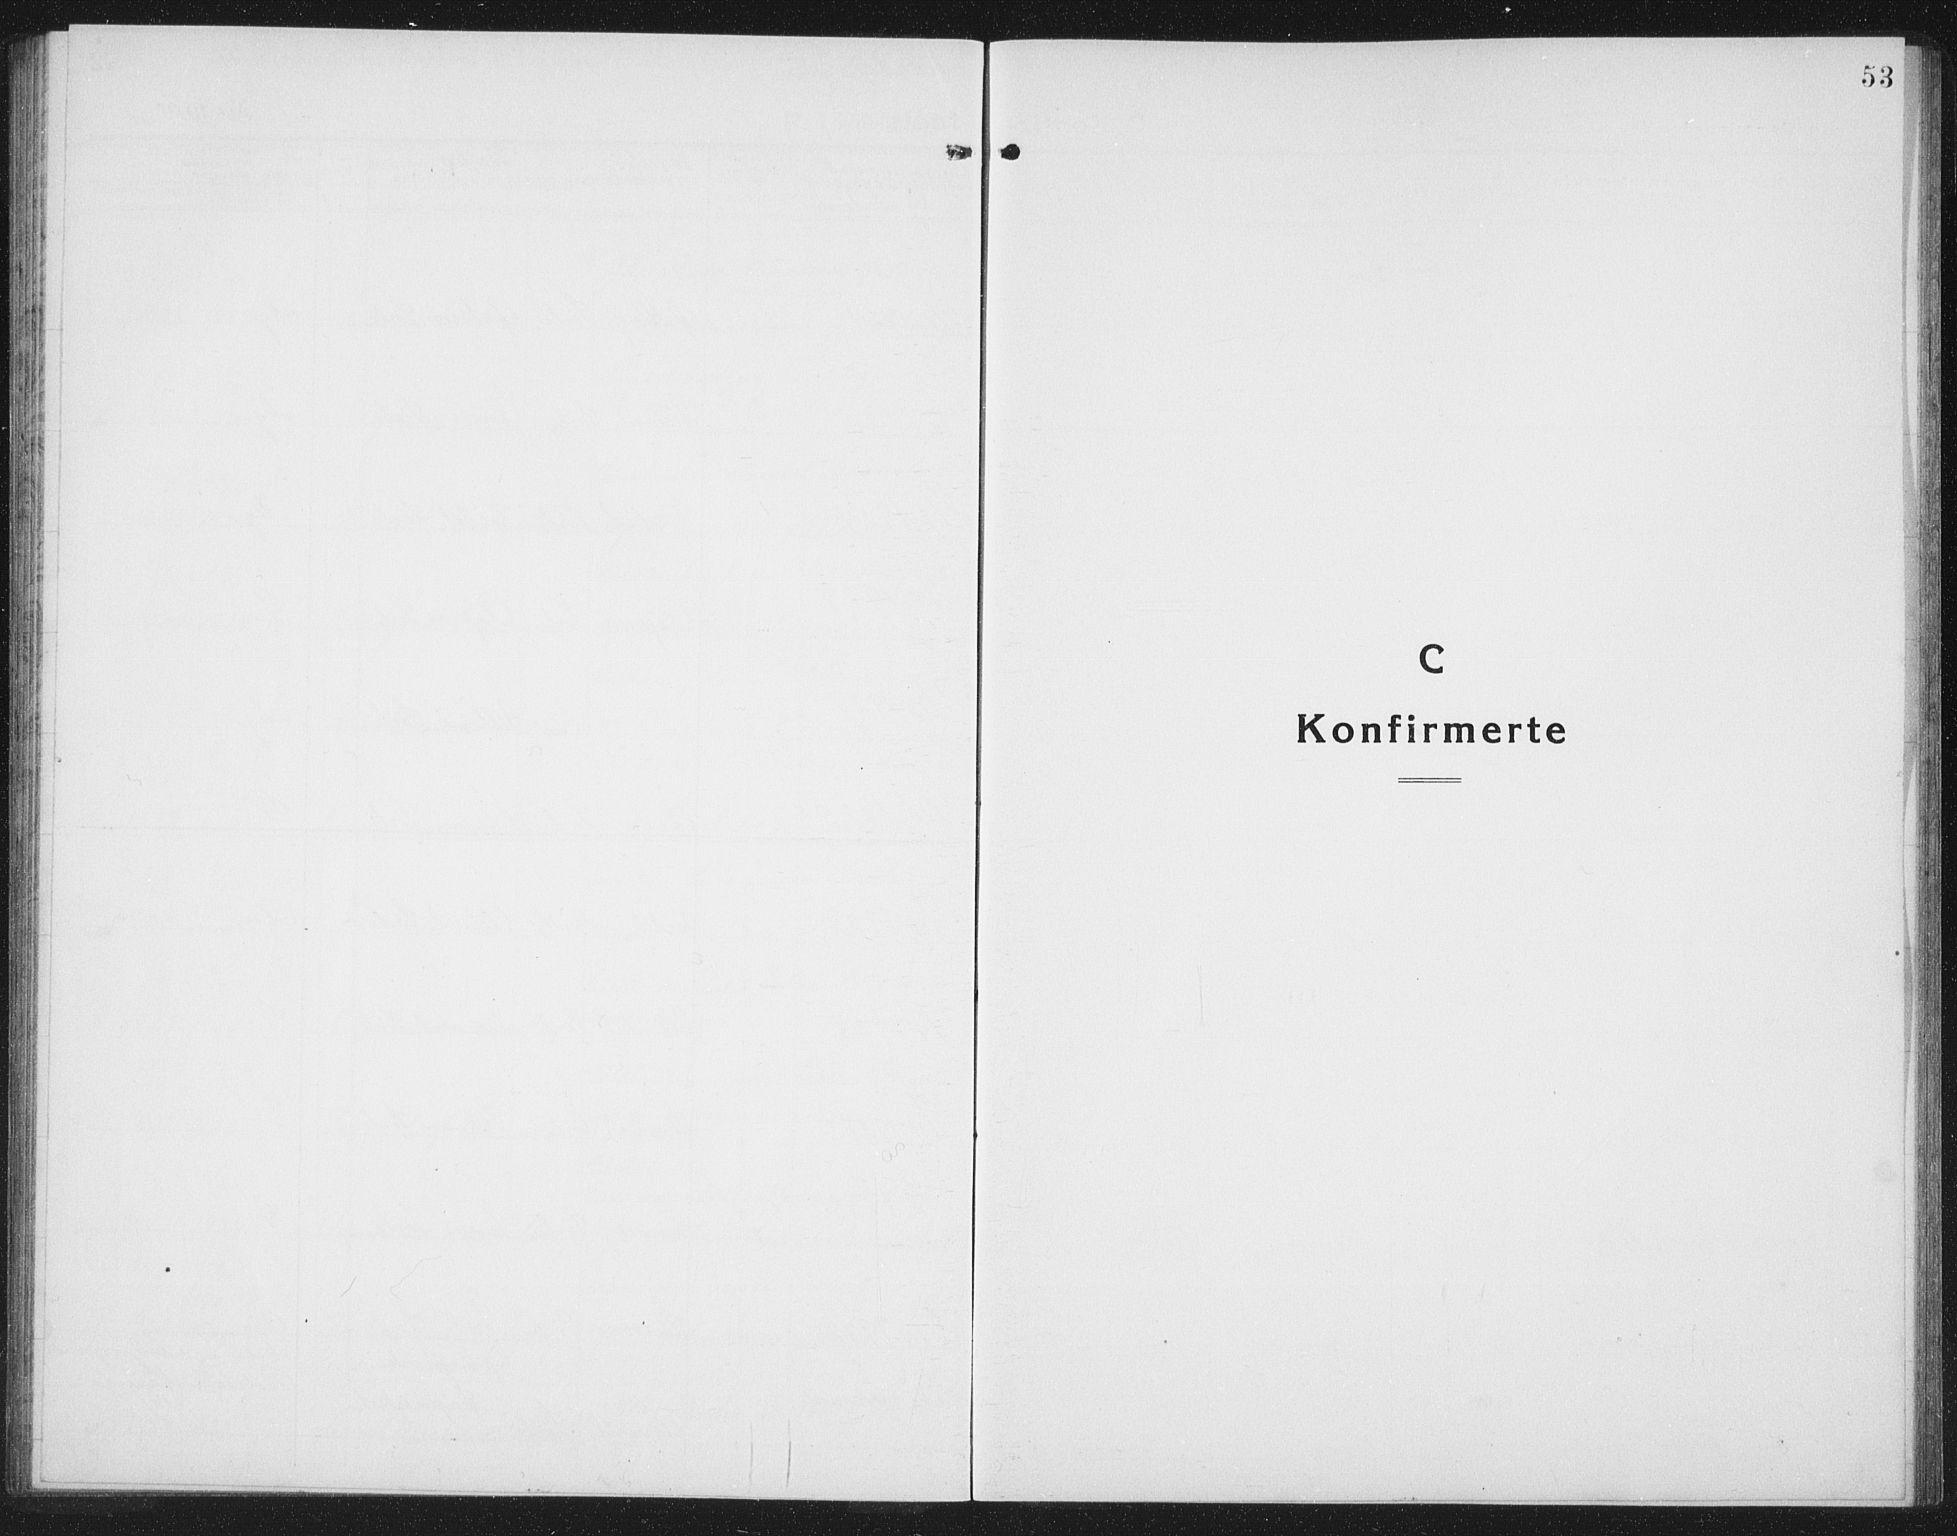 SAT, Ministerialprotokoller, klokkerbøker og fødselsregistre - Nord-Trøndelag, 757/L0507: Klokkerbok nr. 757C02, 1923-1939, s. 53